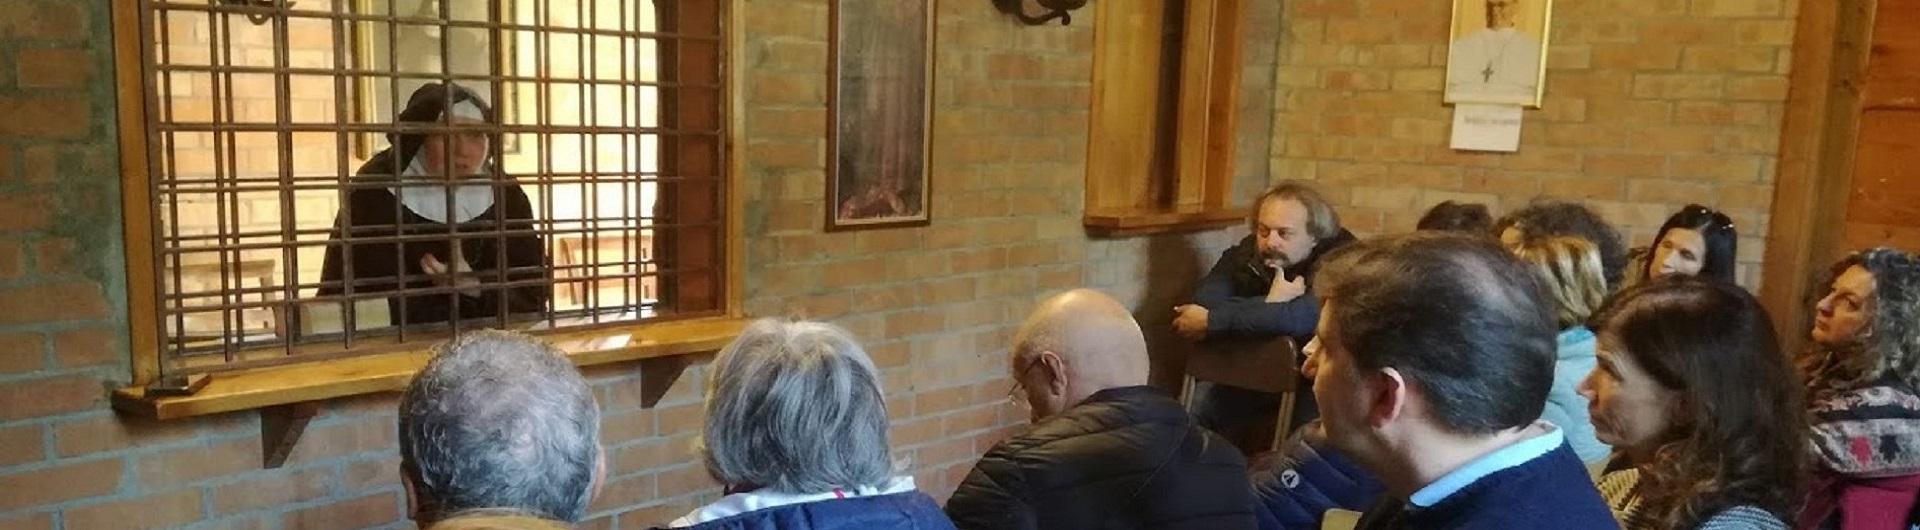 Monasteri Aperti  –  Sulle orme di Santa Chiara, in Appennino